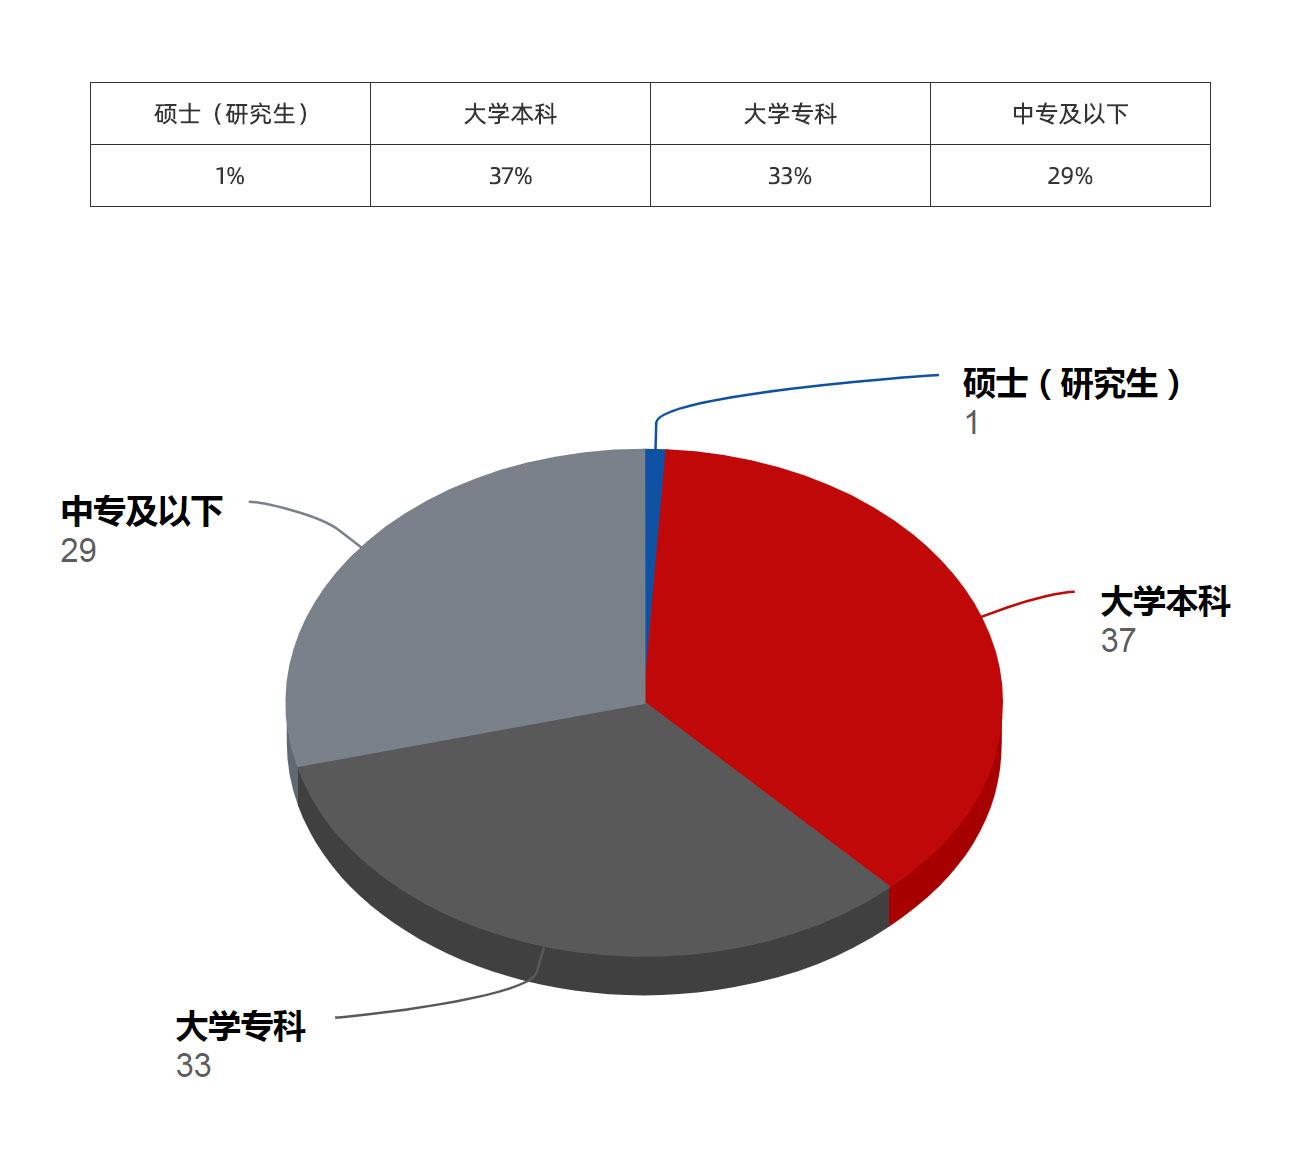 員工(gong)學歷構成